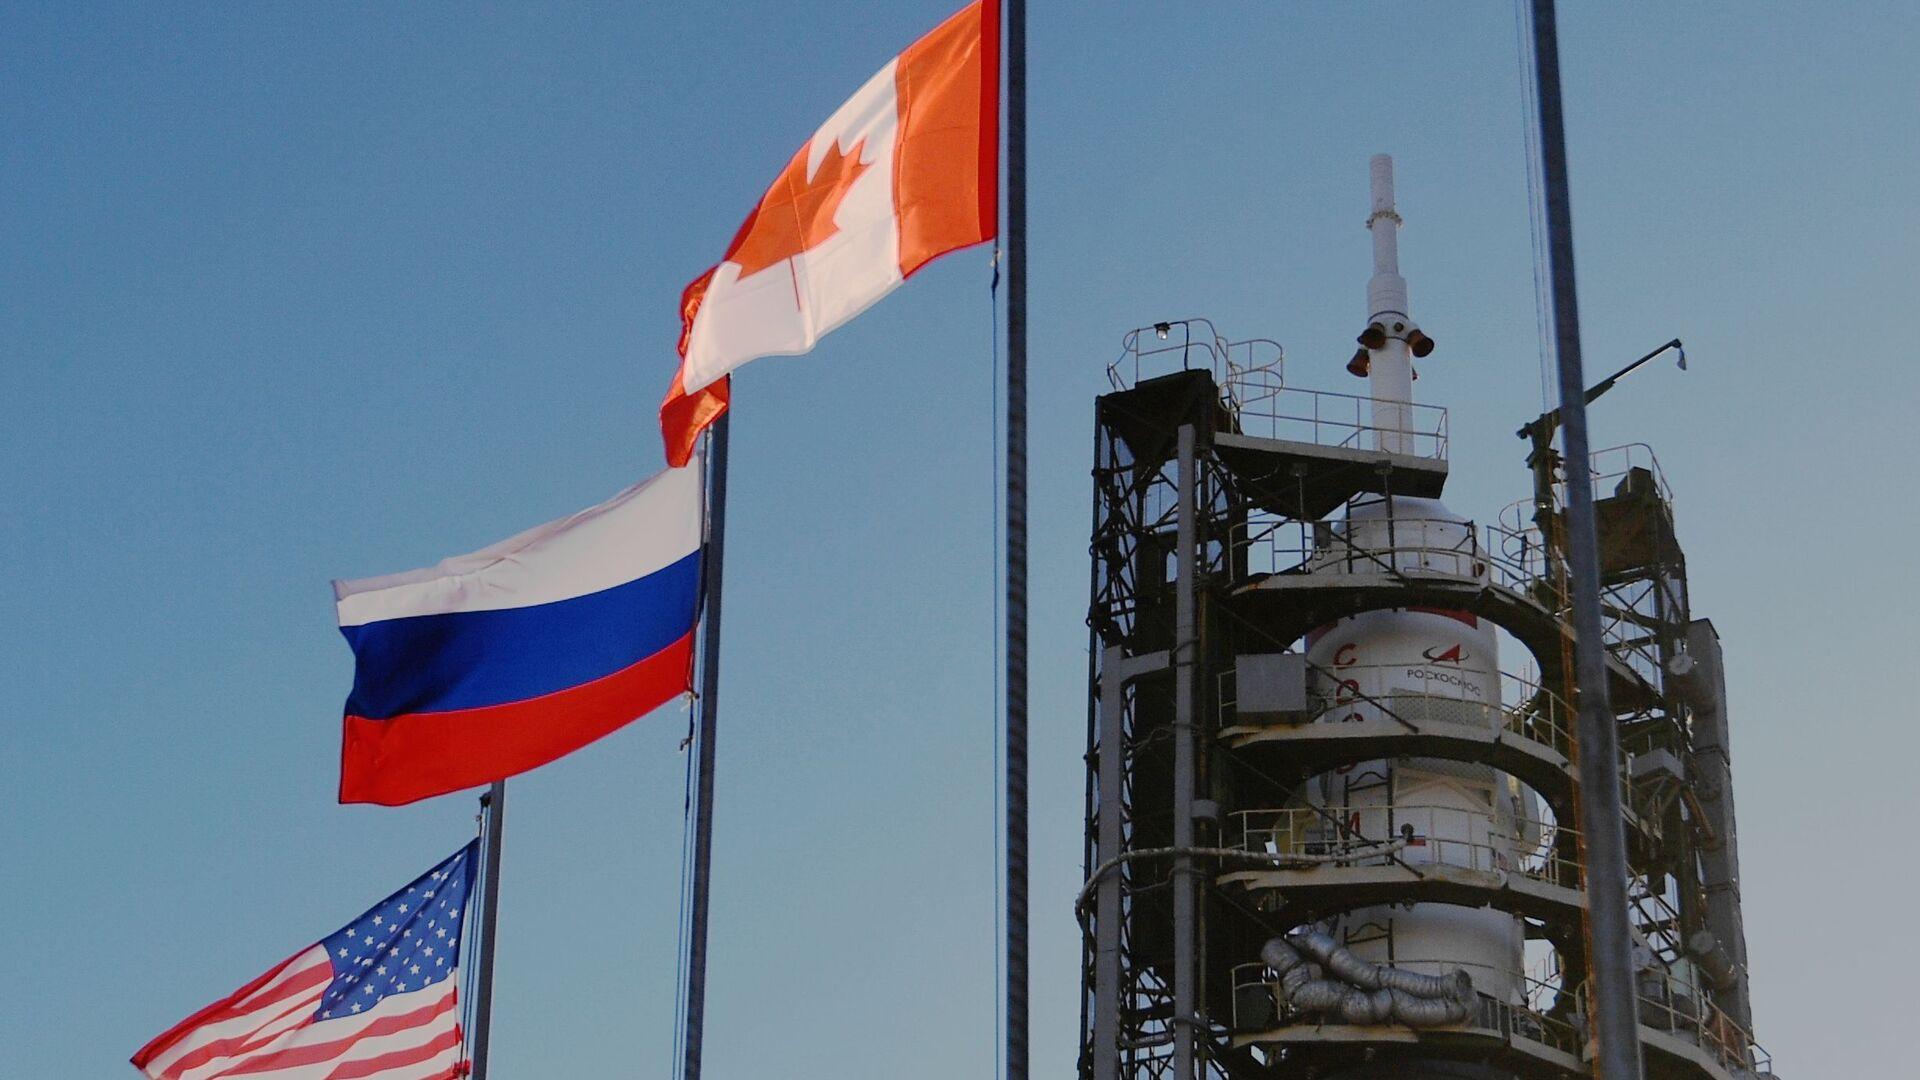 Вывоз ракеты-носителя Союз-ФГ на стартовую площадку космодрома Байконур - Sputnik Армения, 1920, 26.09.2021